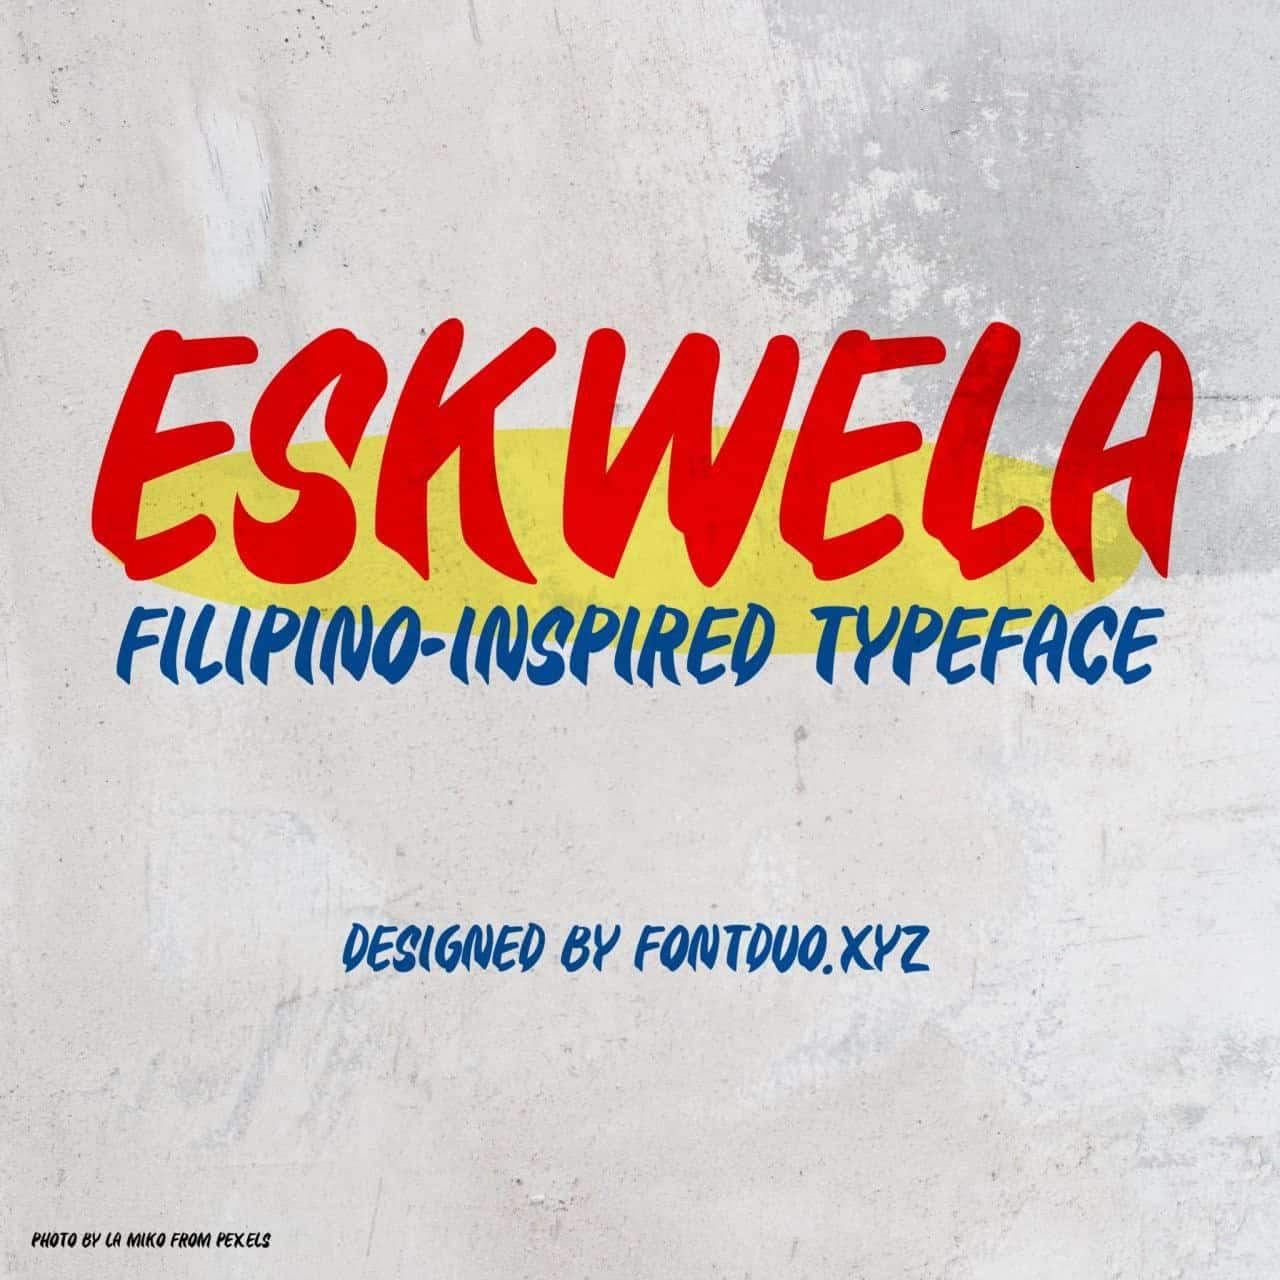 Eskwela шрифт скачать бесплатно